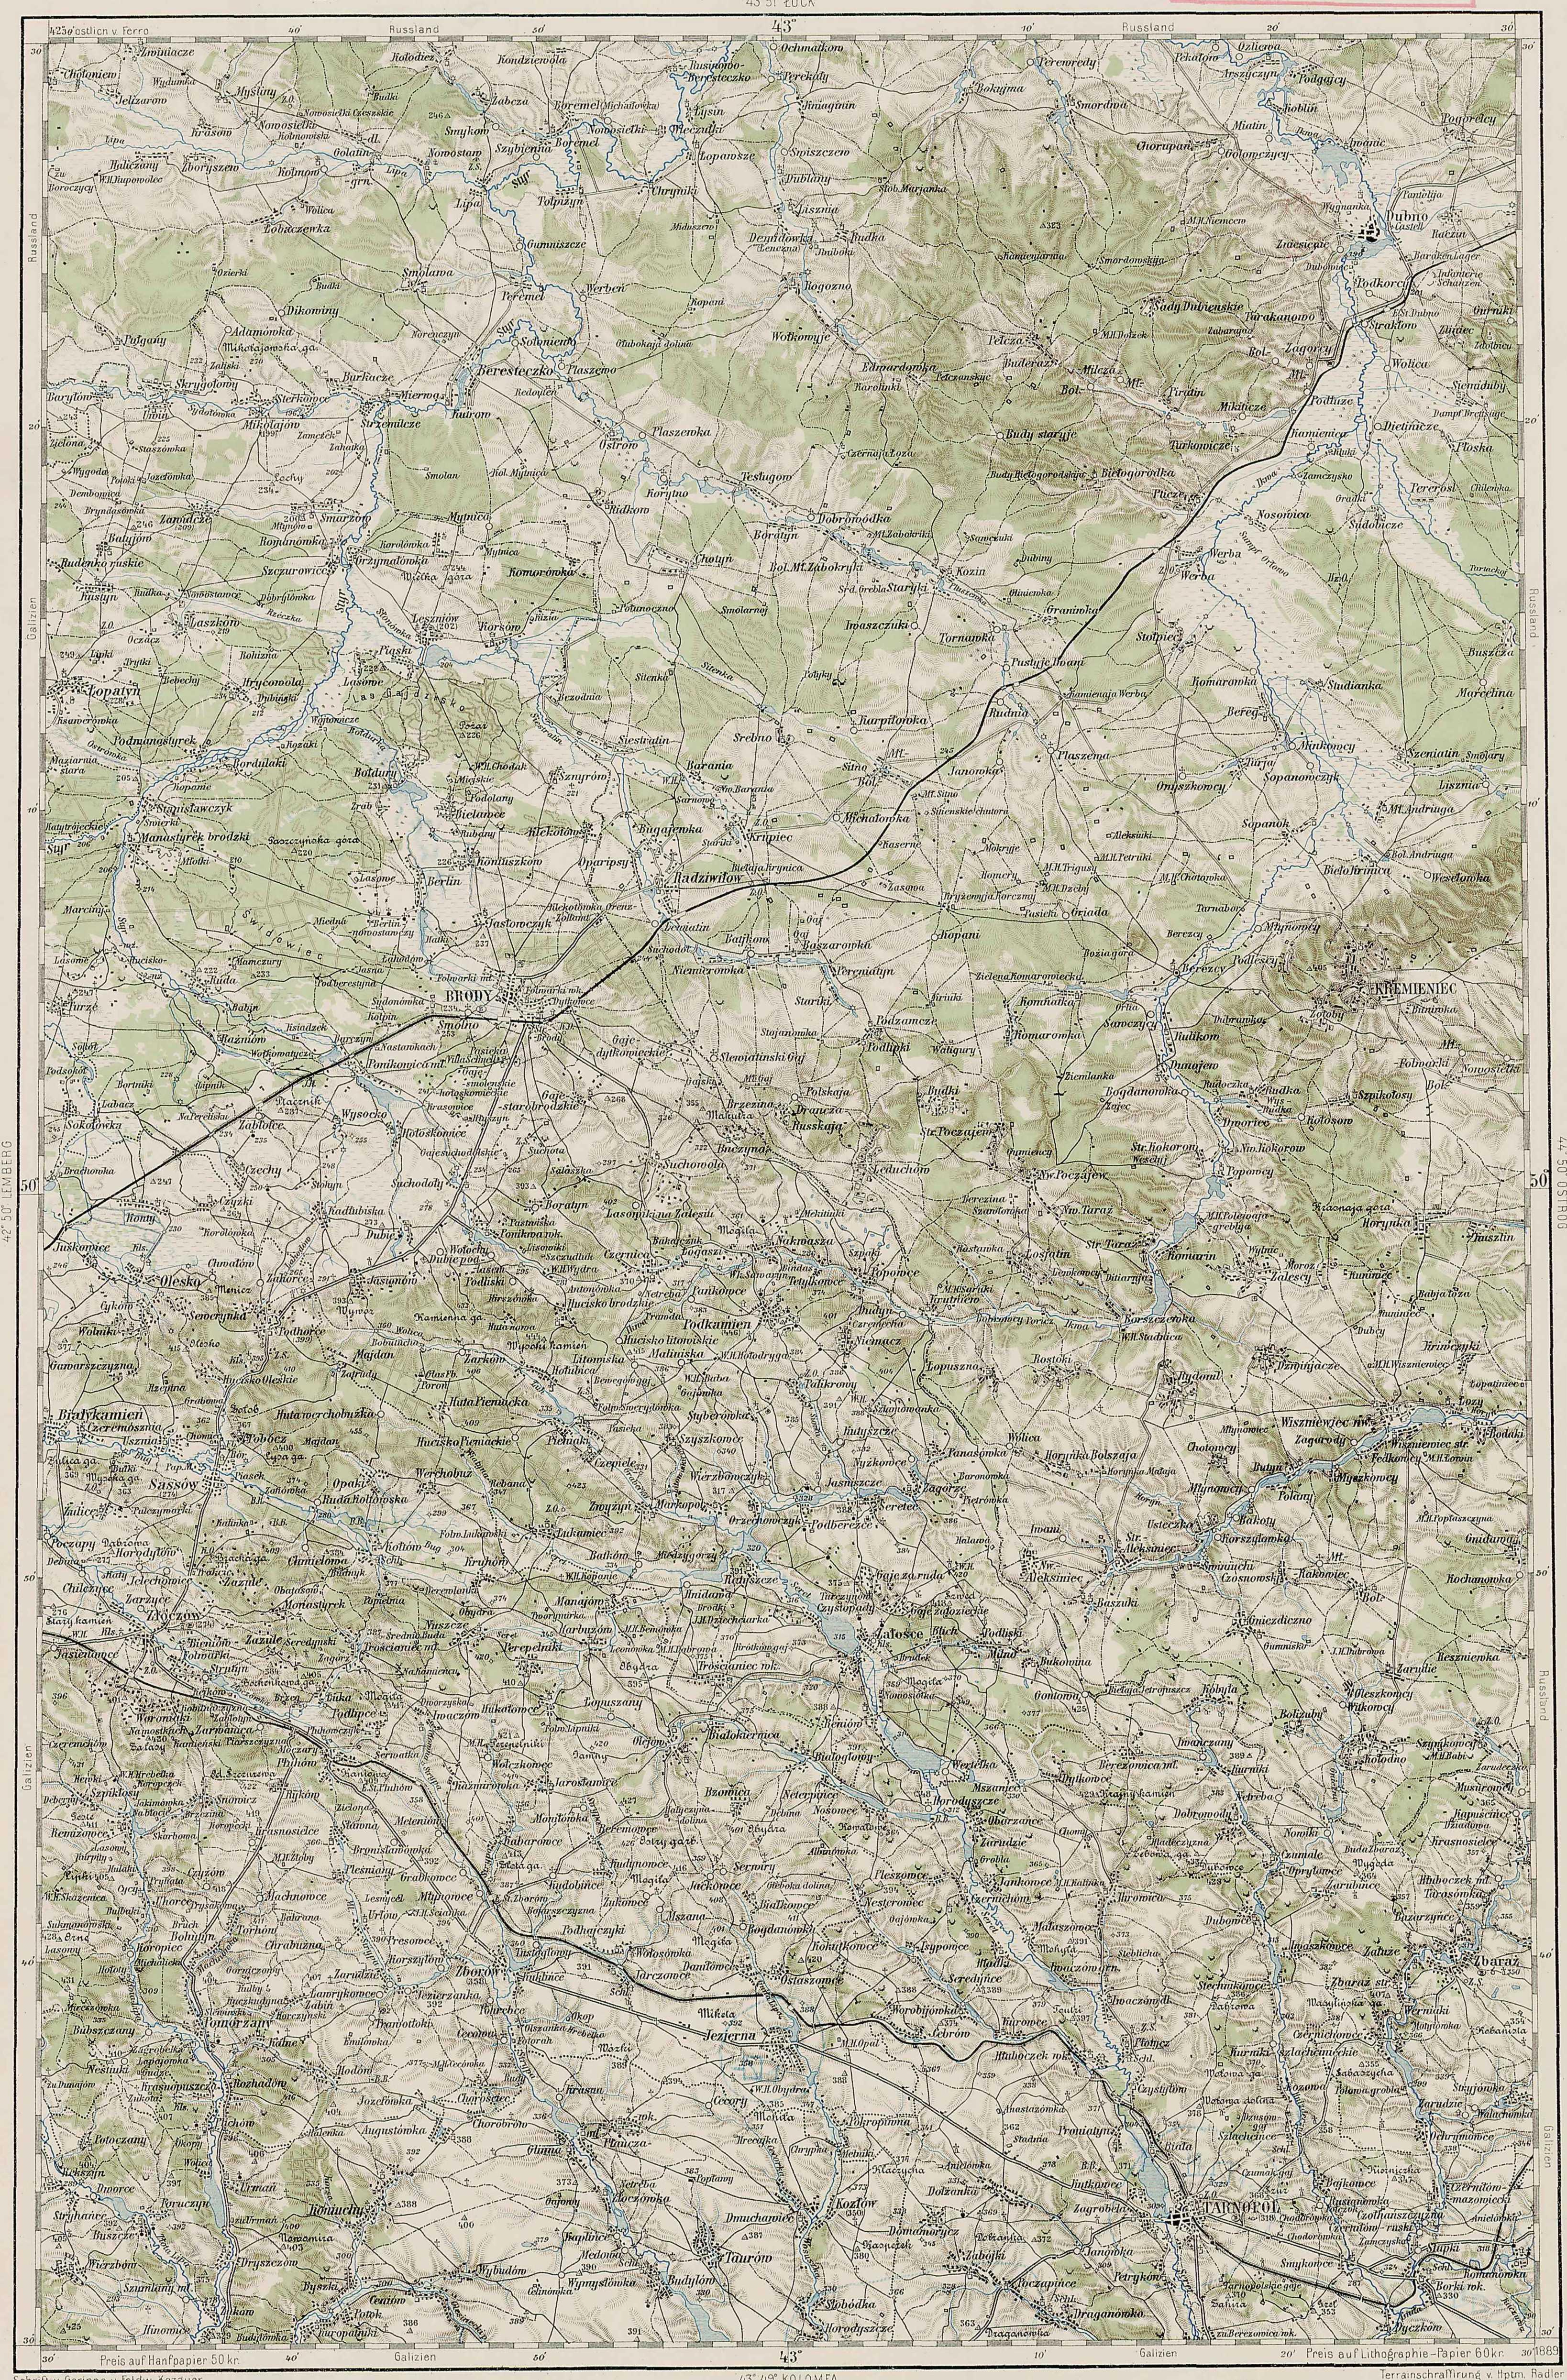 Que signifie la présence de ce nom sur cette carte 43-50